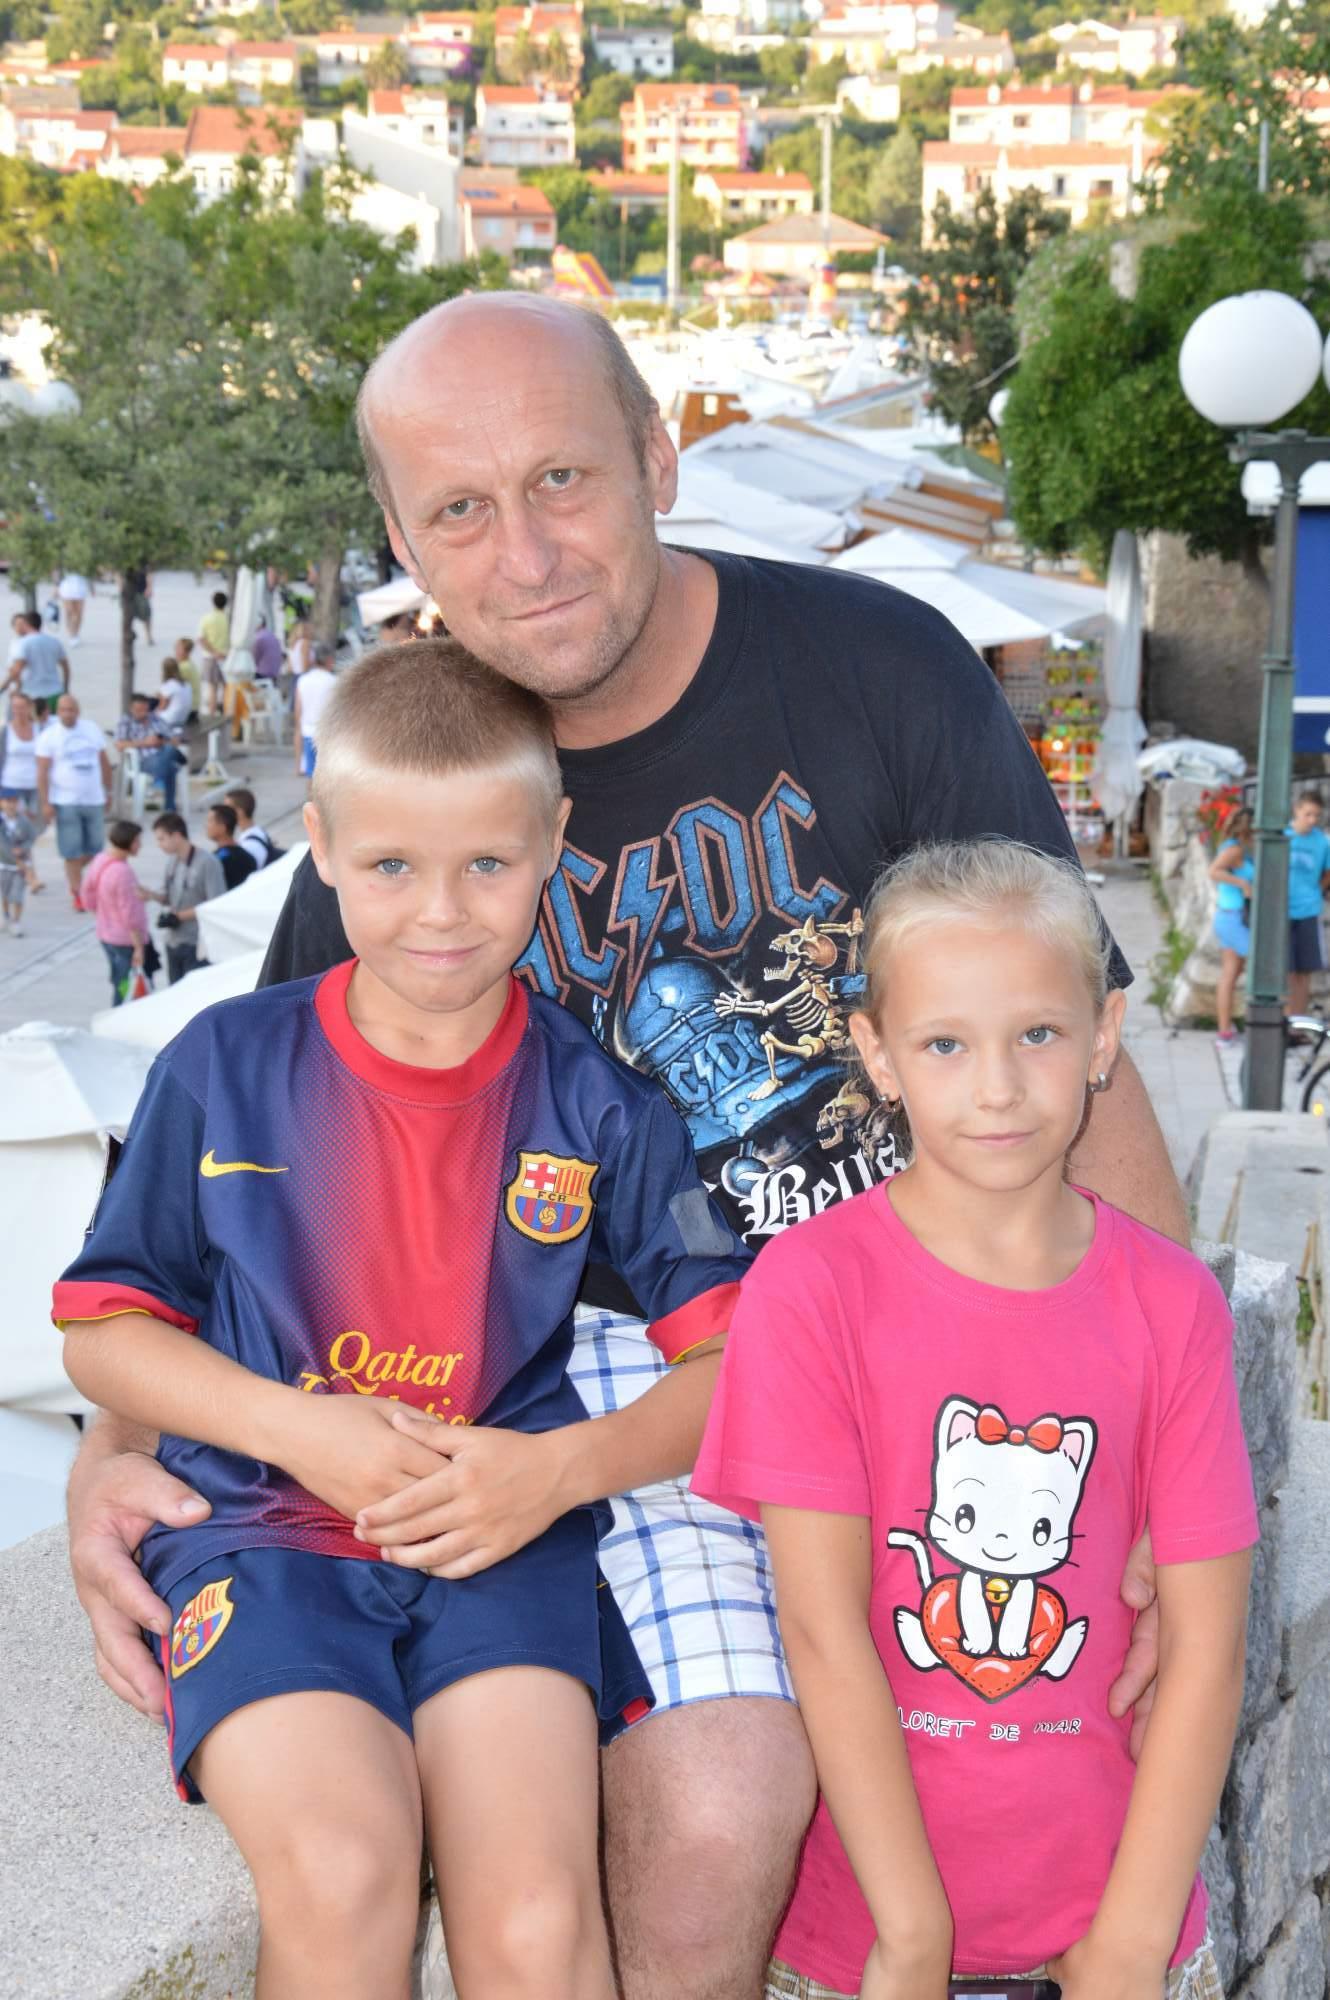 http://img19.rajce.idnes.cz/d1902/11/11369/11369498_ba1b1cc51aa2b100ecd01c05fe1b9075/images/DSC_0086.jpg